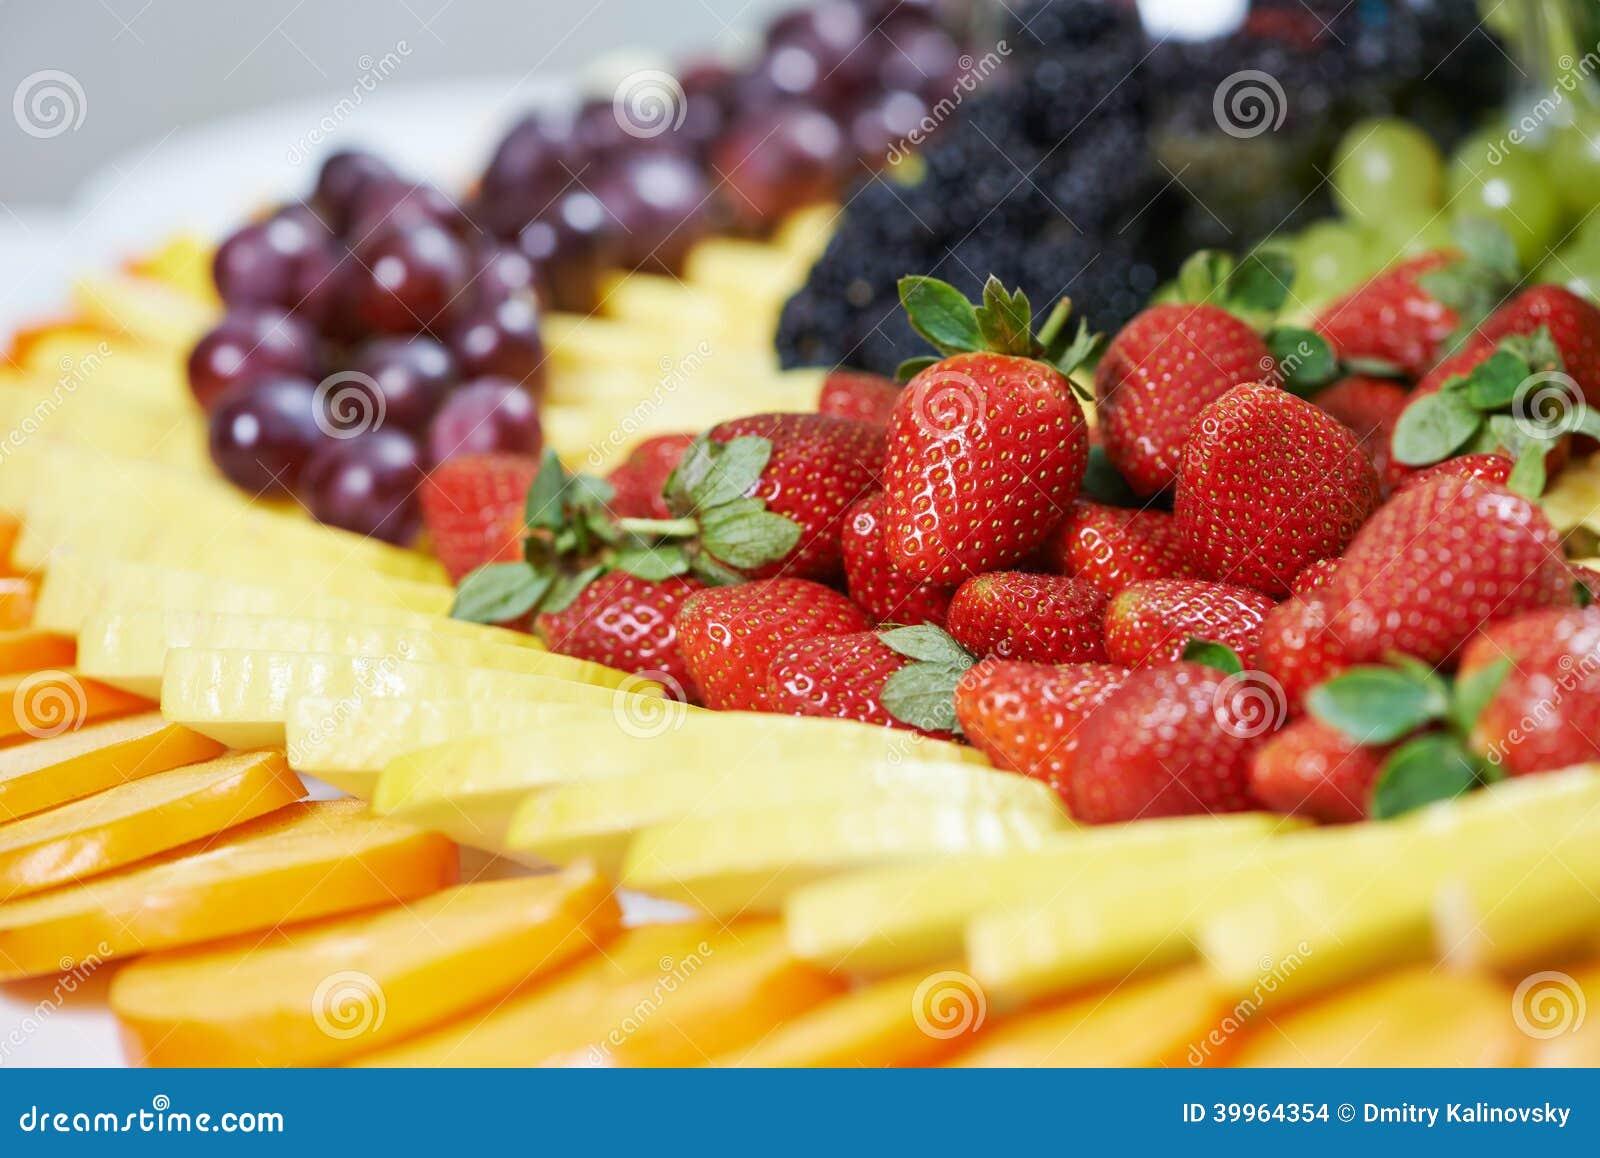 Zakończenie cateringu stołu owocowy set